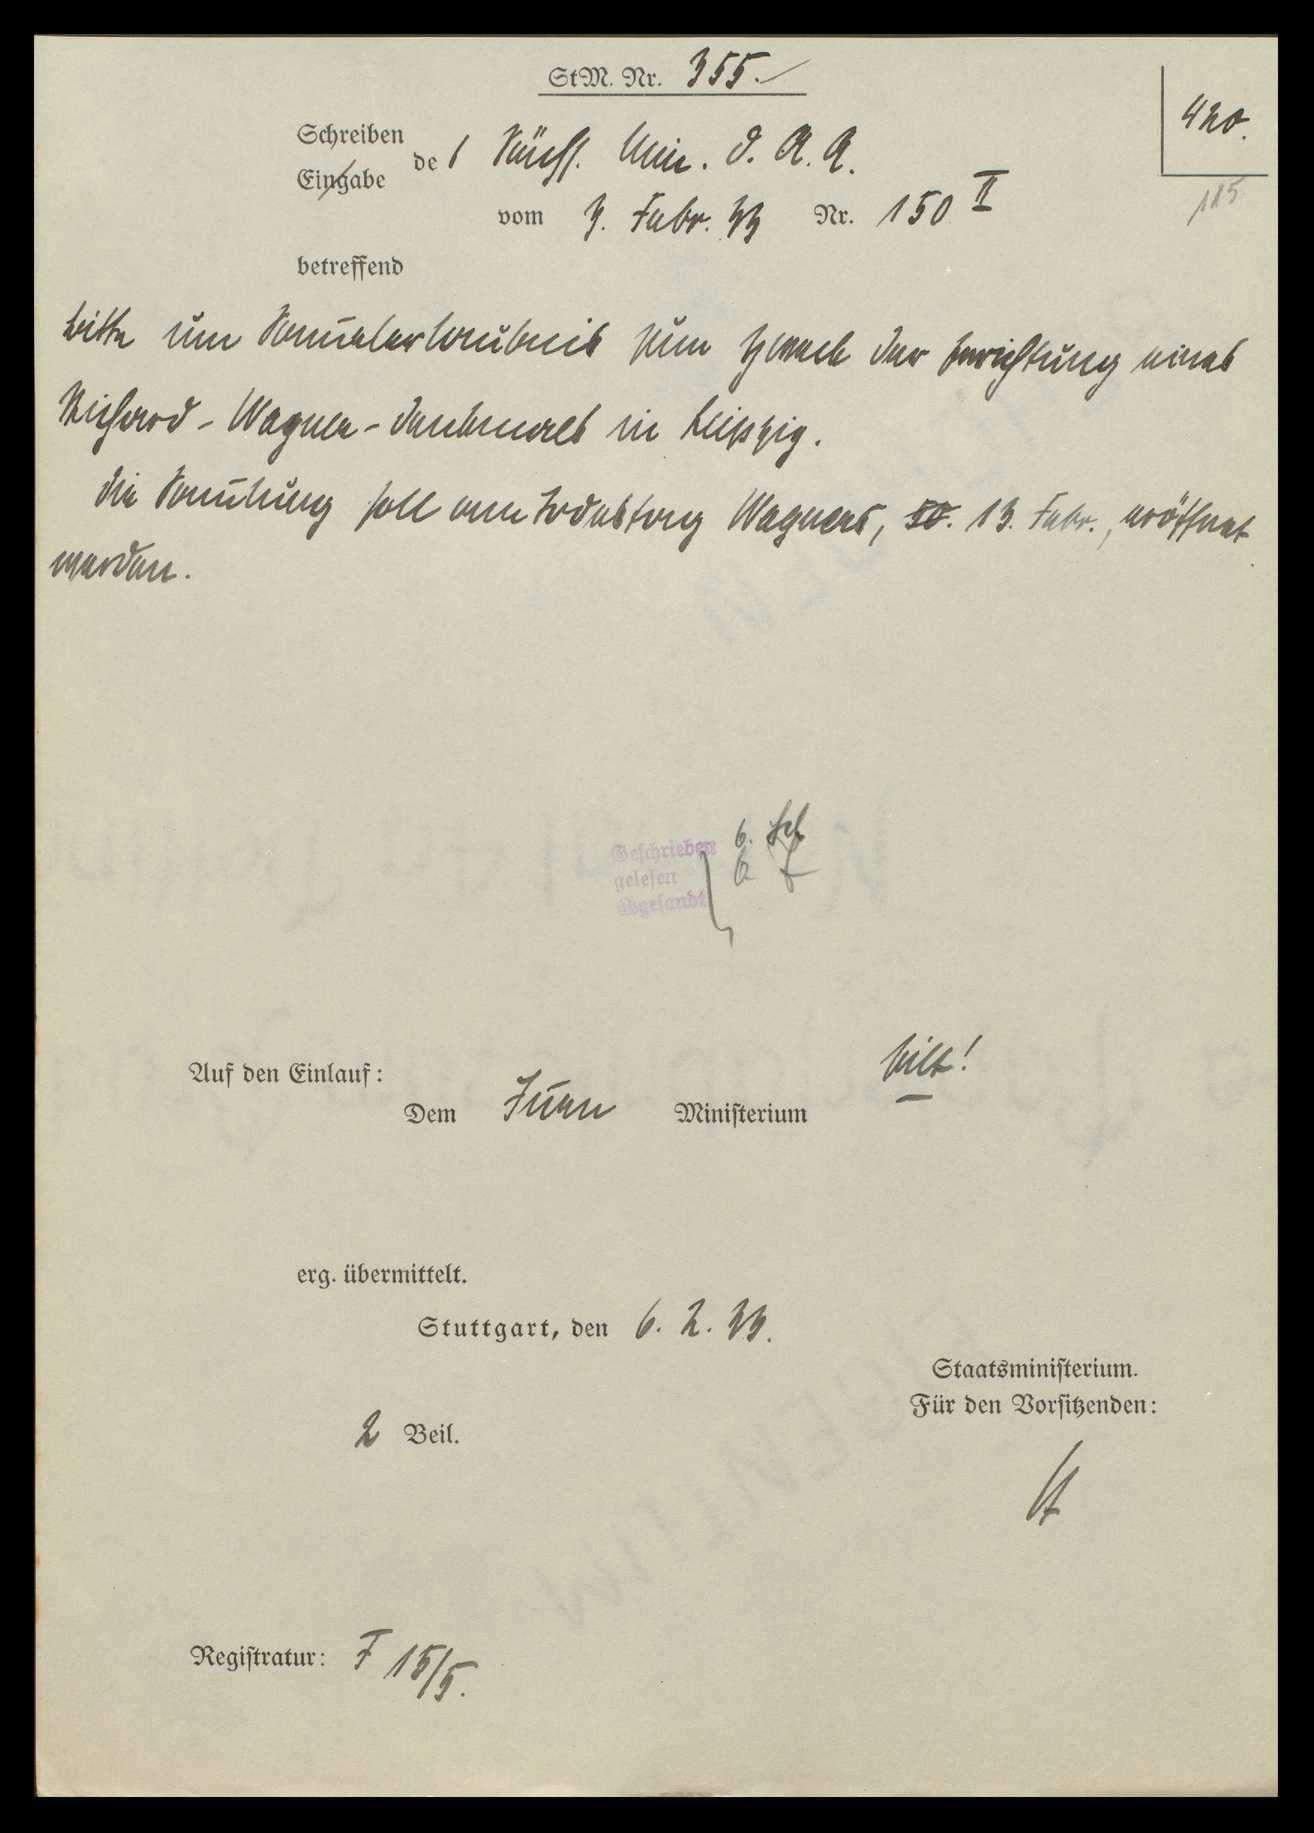 Sammlungen im Reich, Bild 3